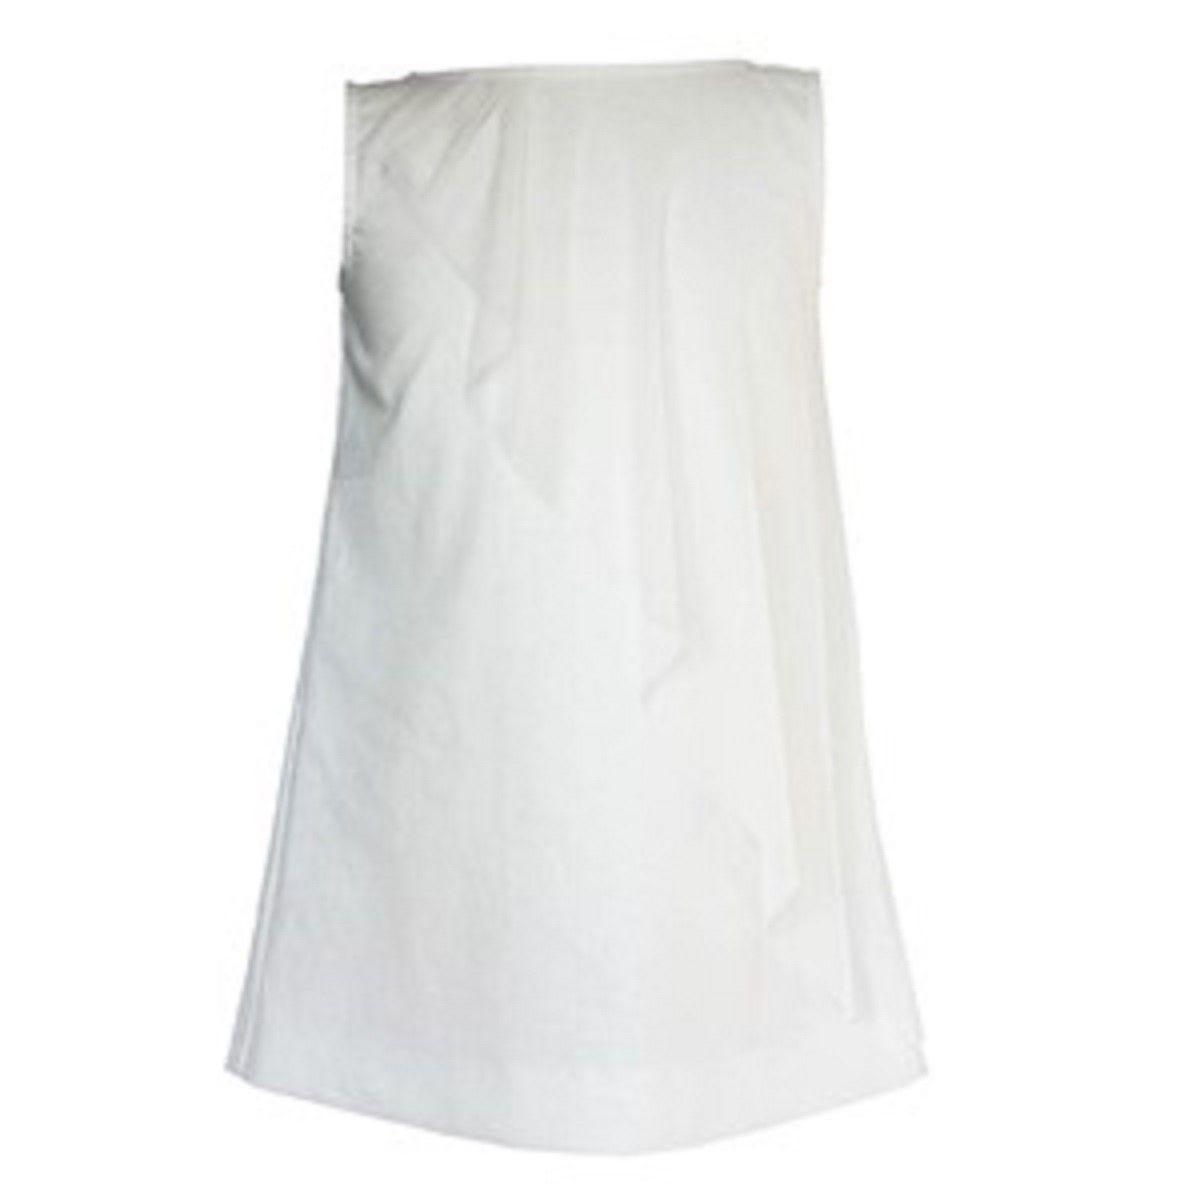 Robe de cérémonie en lin coton